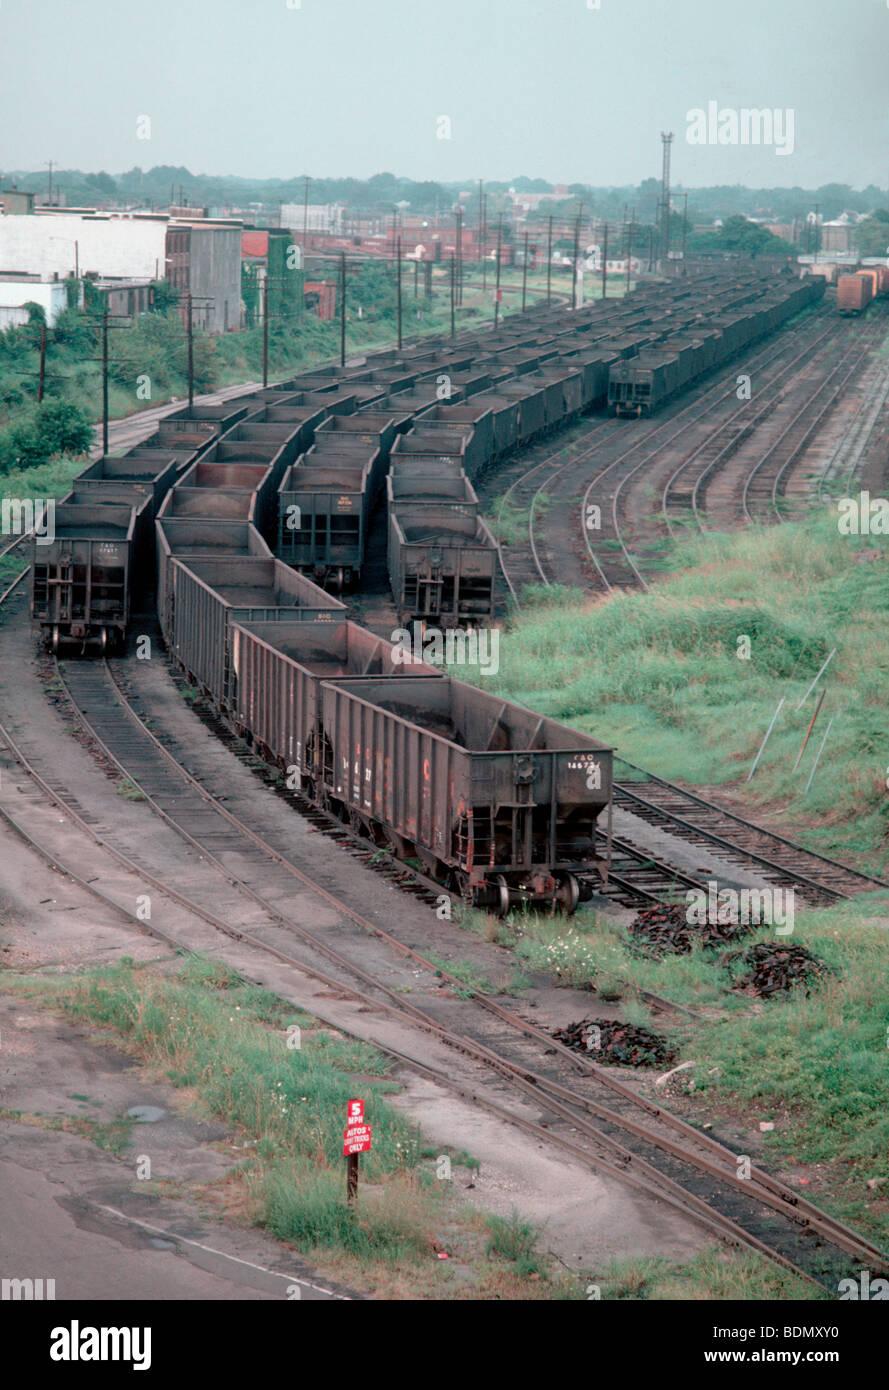 Coal yards loading in Norfolk, VA - Stock Image